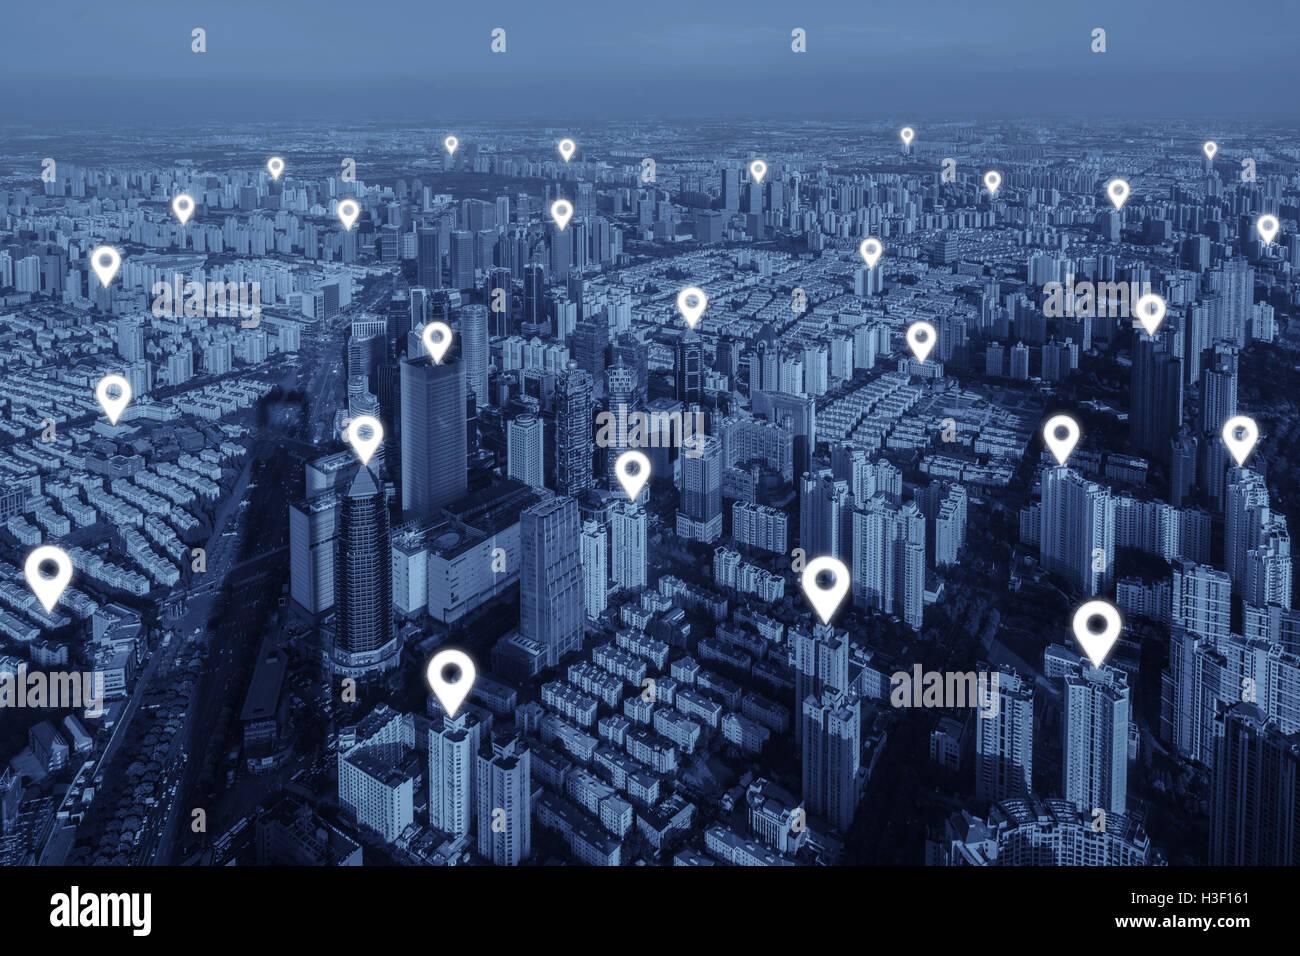 Mappa flat pin di connessione di rete nella città. La connessione di rete del concetto. Immagini Stock